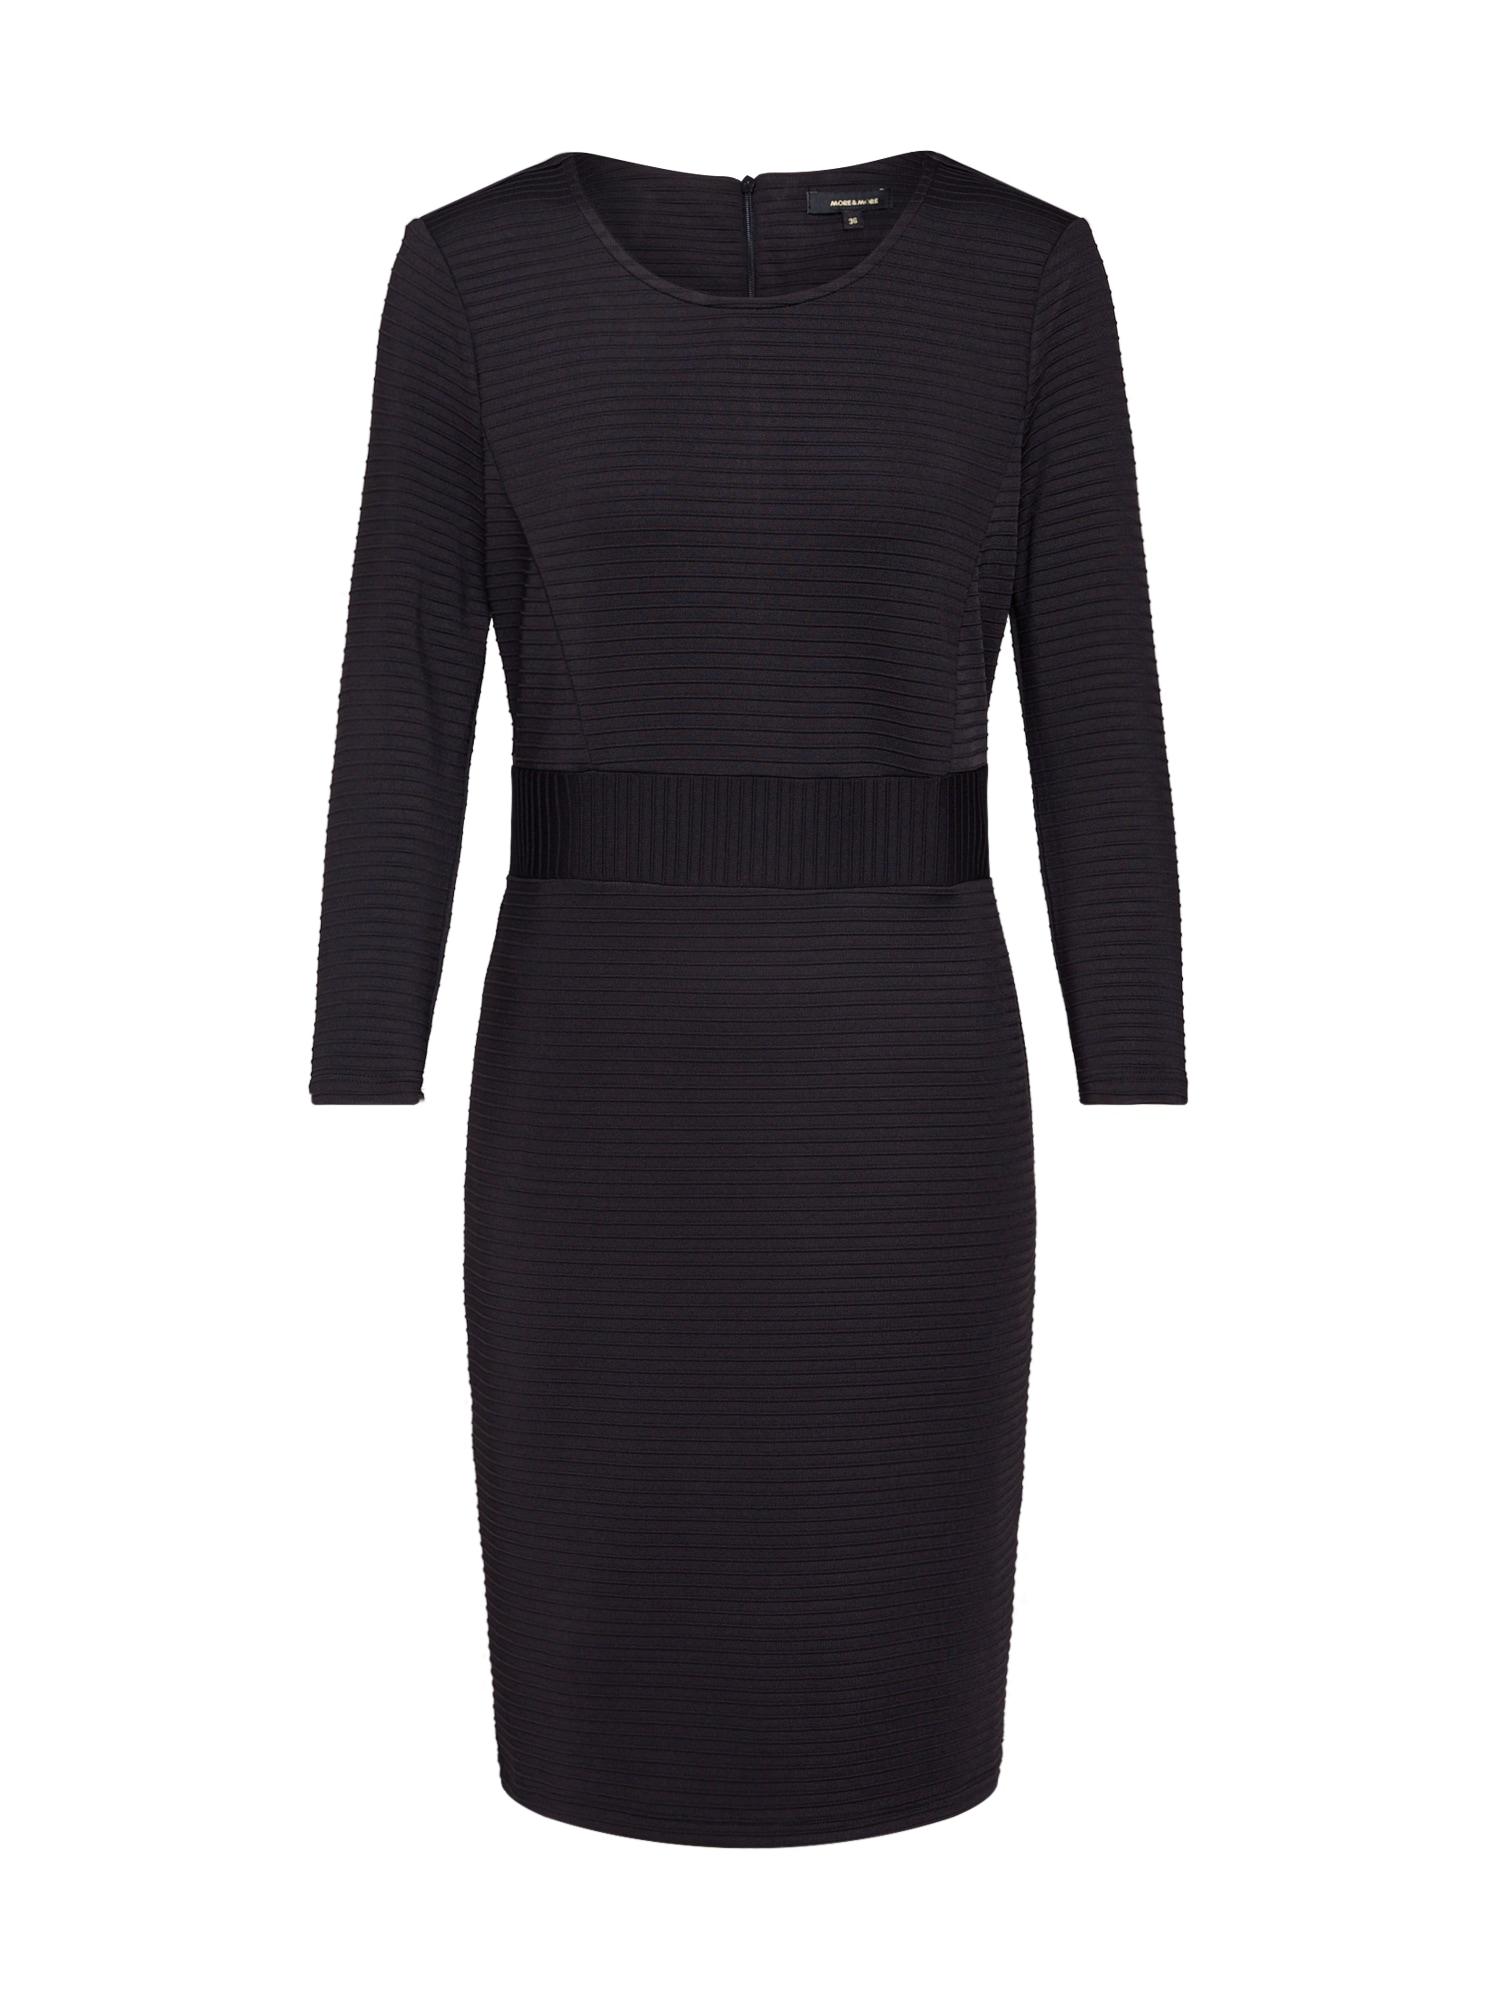 MORE & MORE Trumpa kokteilinė suknelė juoda